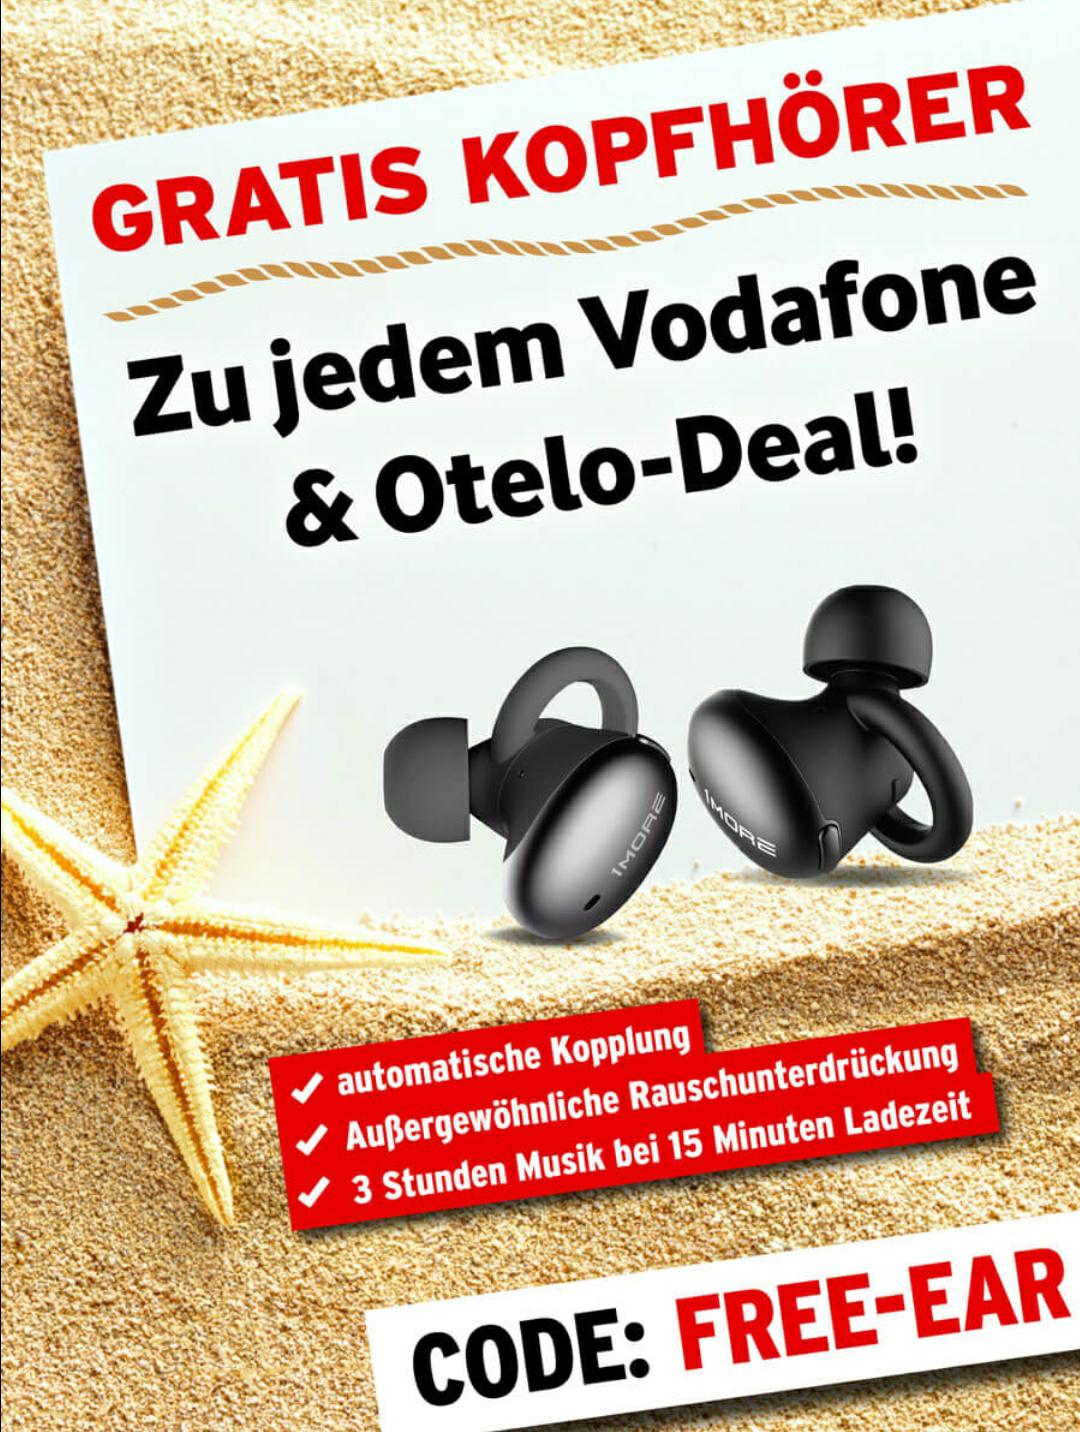 Gratiszugabe Kopfhörer Otelo Vodafone